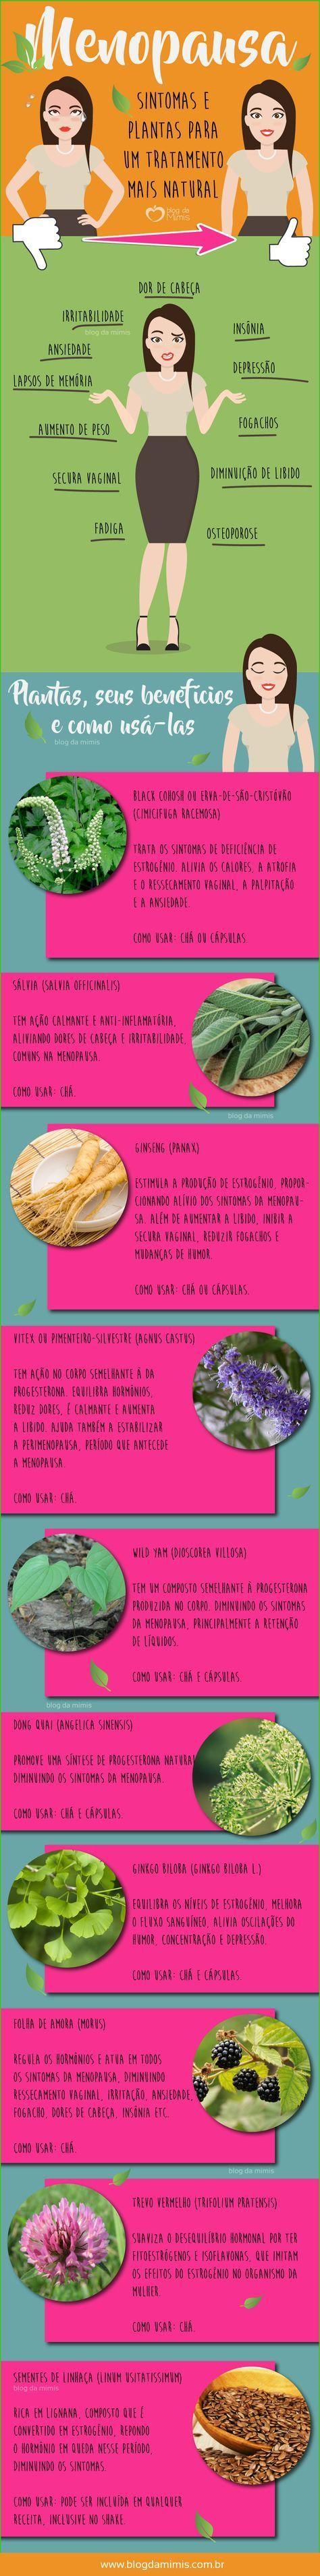 Plantas que aliviam os sintomas da menopausa - Blog da Mimis #menopausa #mulher #chá #tratamento #hormonal #hormônio #saúde #blogdamimis #infográfico